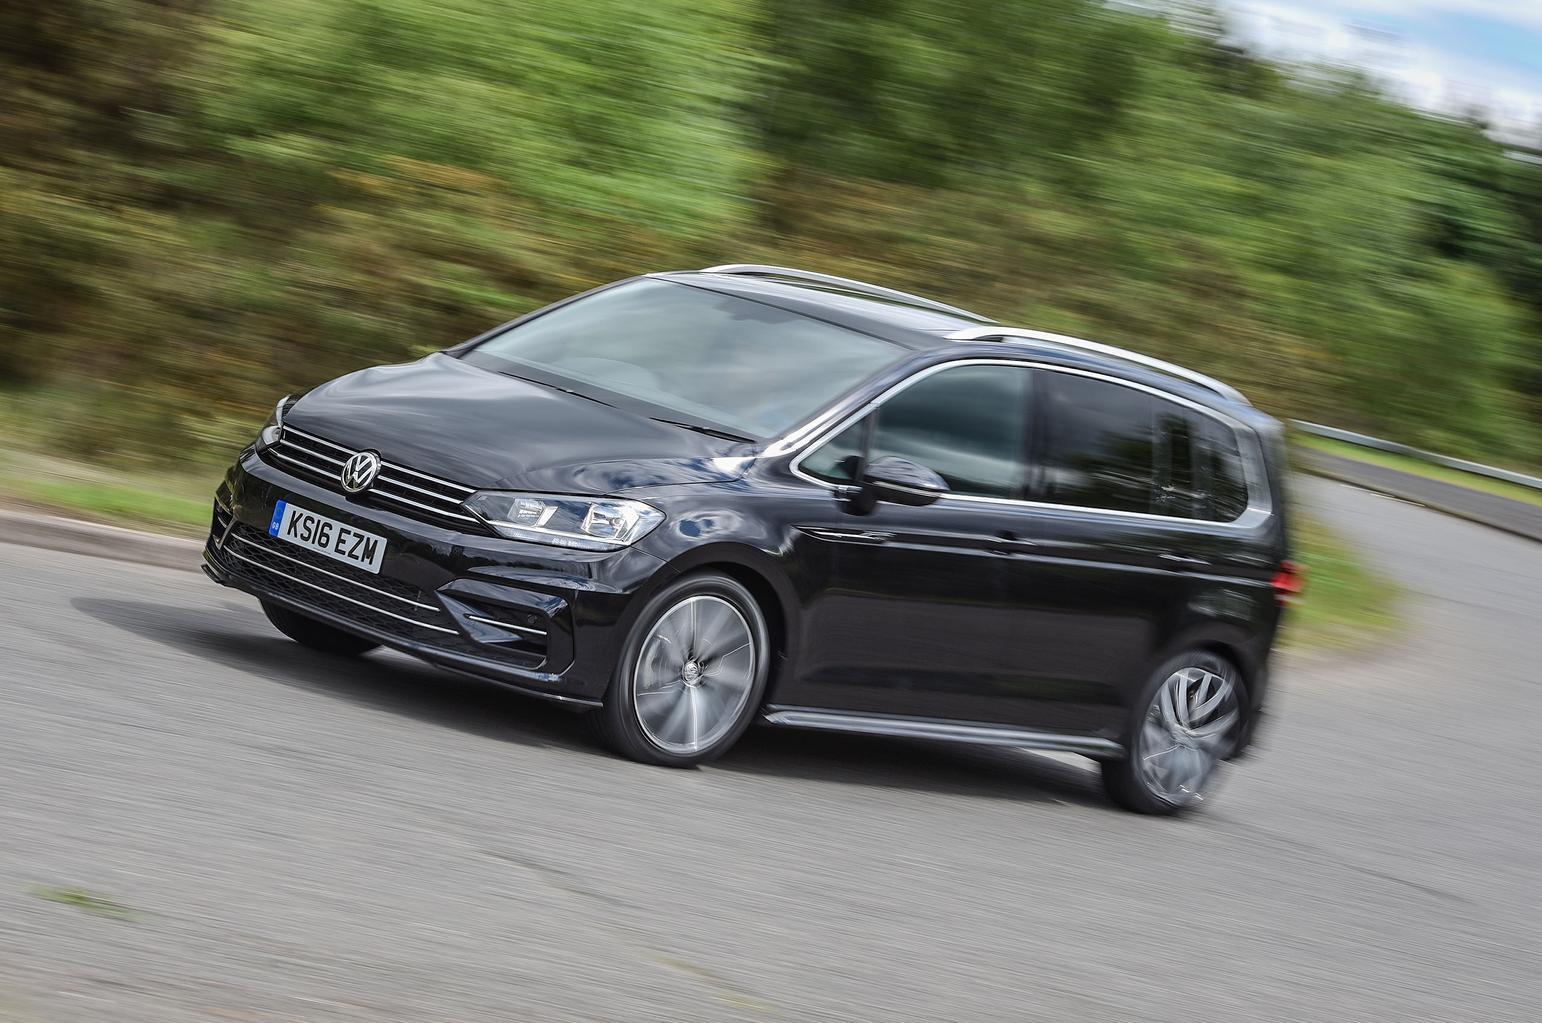 2016 Volkswagen Touran 2.0 TDI R-Line review